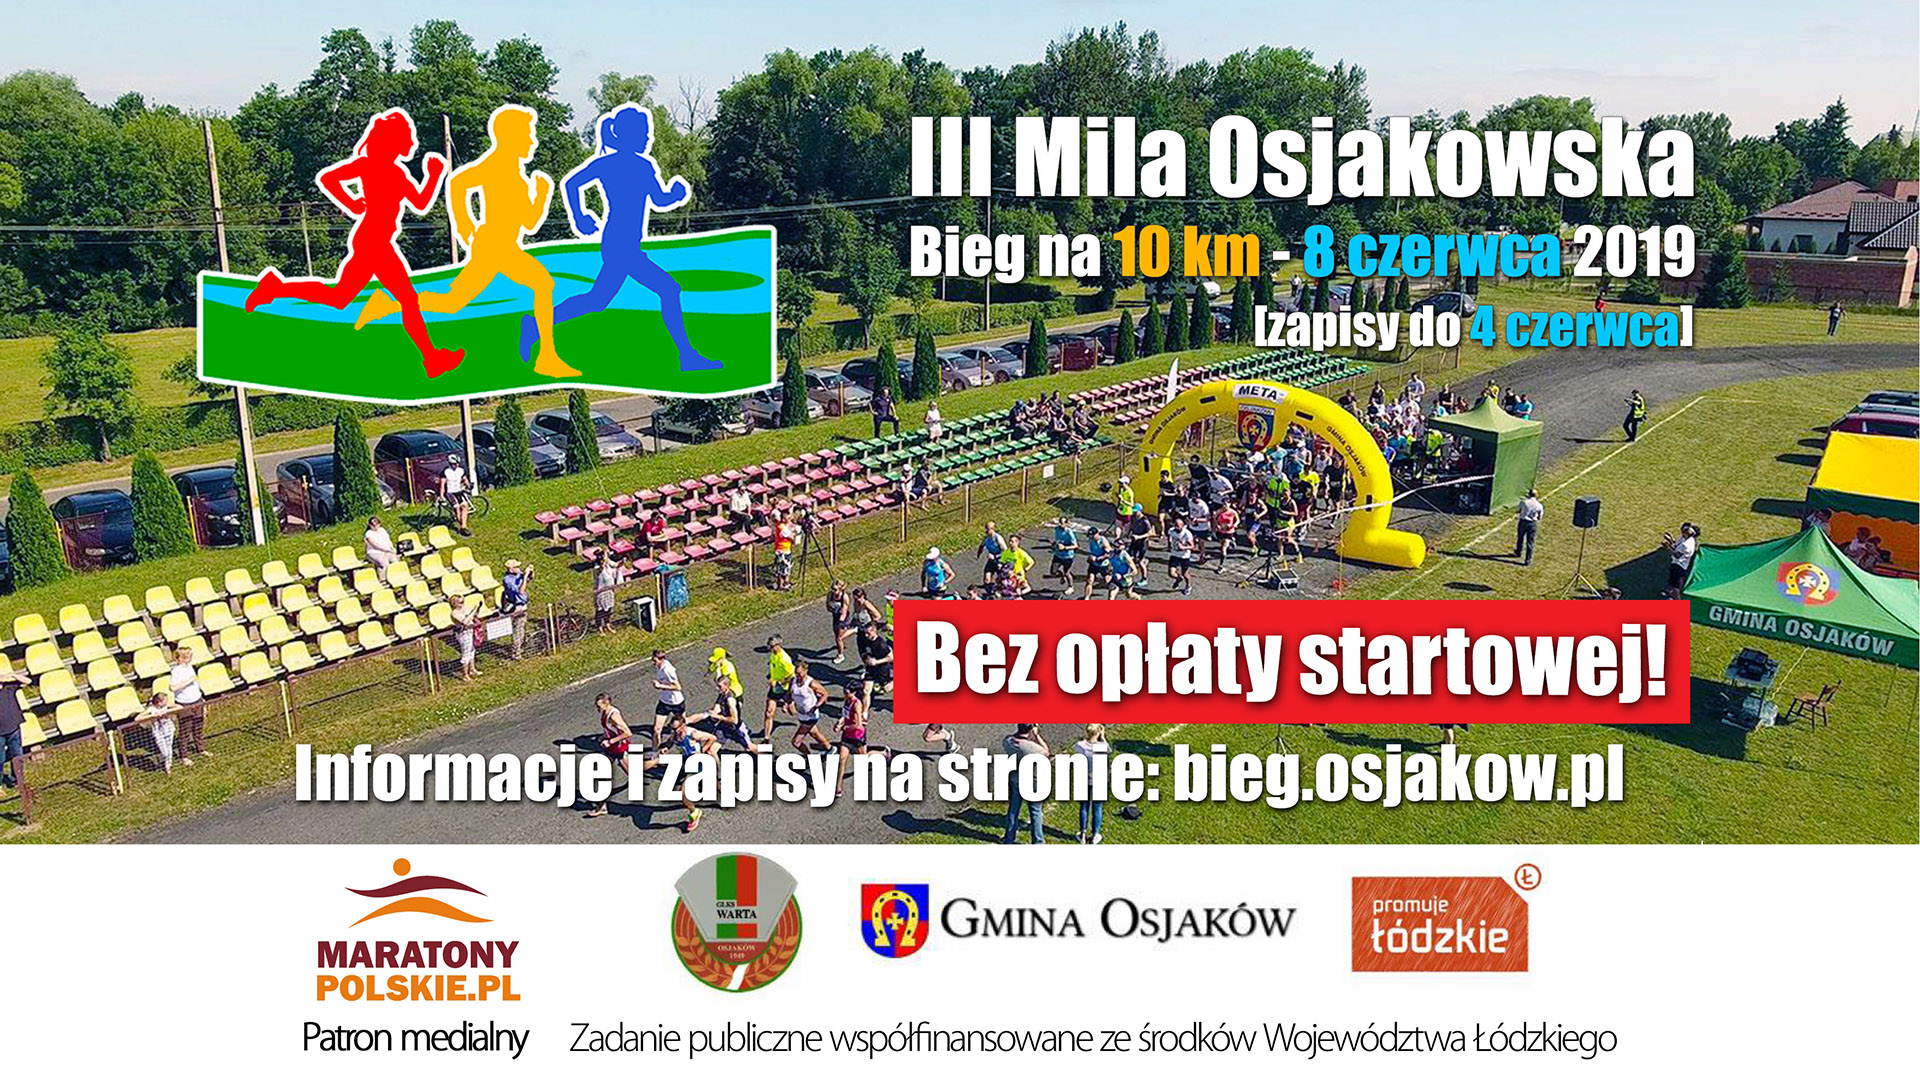 2019 06 08 plakat 2 mila 1920x1080 - III Mila Osjakowa - bieg na10 km